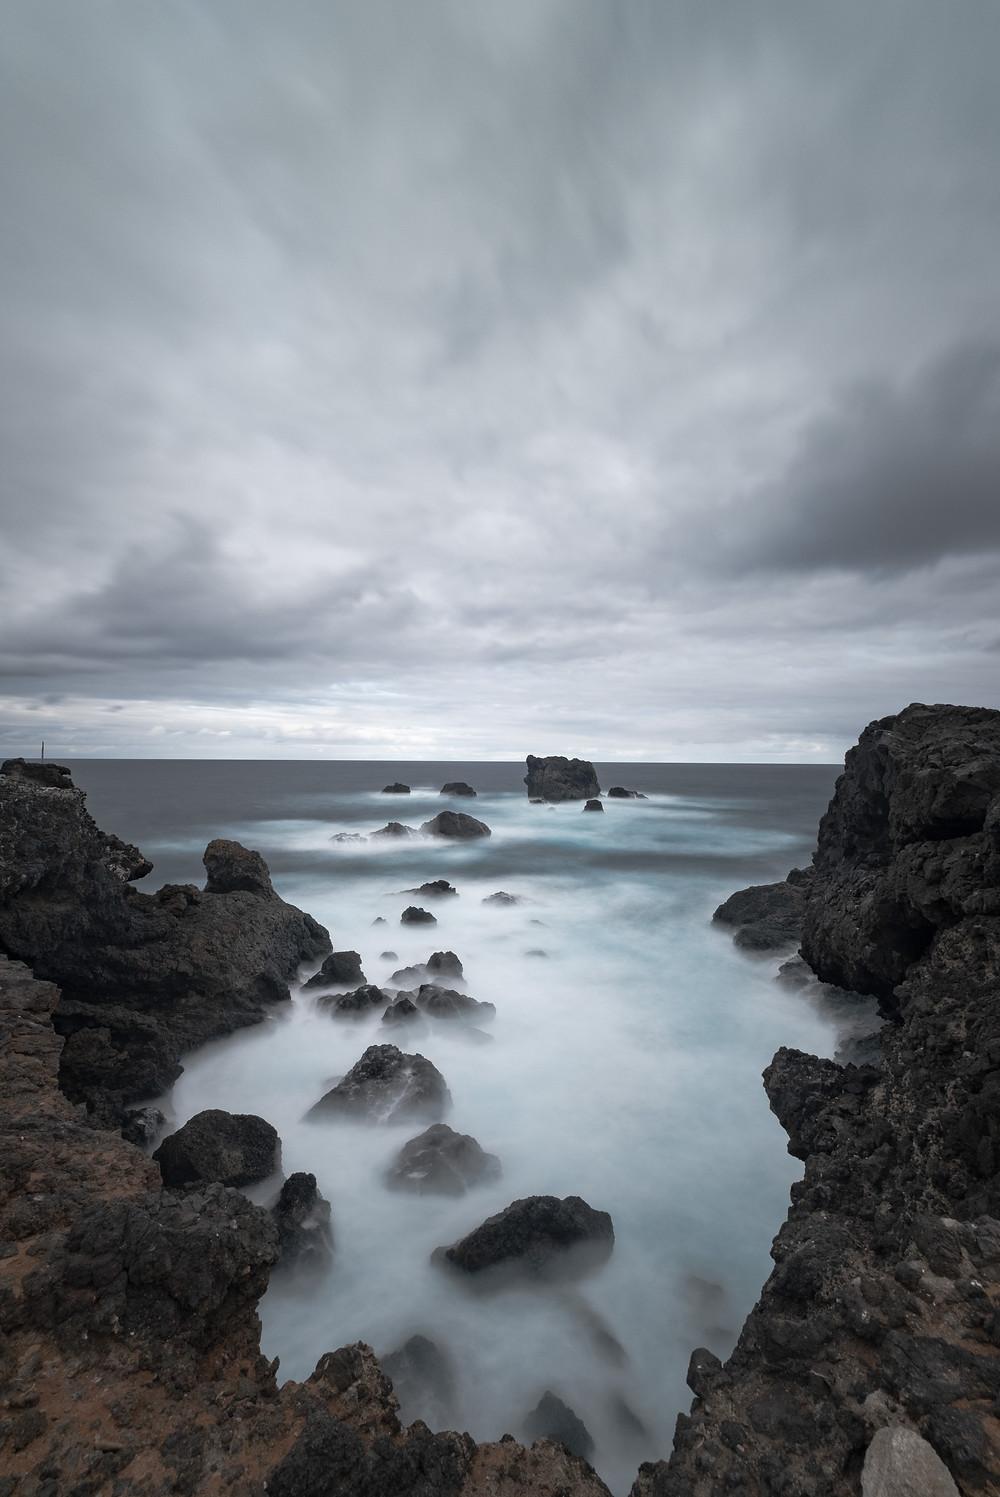 Hilera de piedras desde El Roque, en Punta de Arucas, costa norte de Gran Canaria